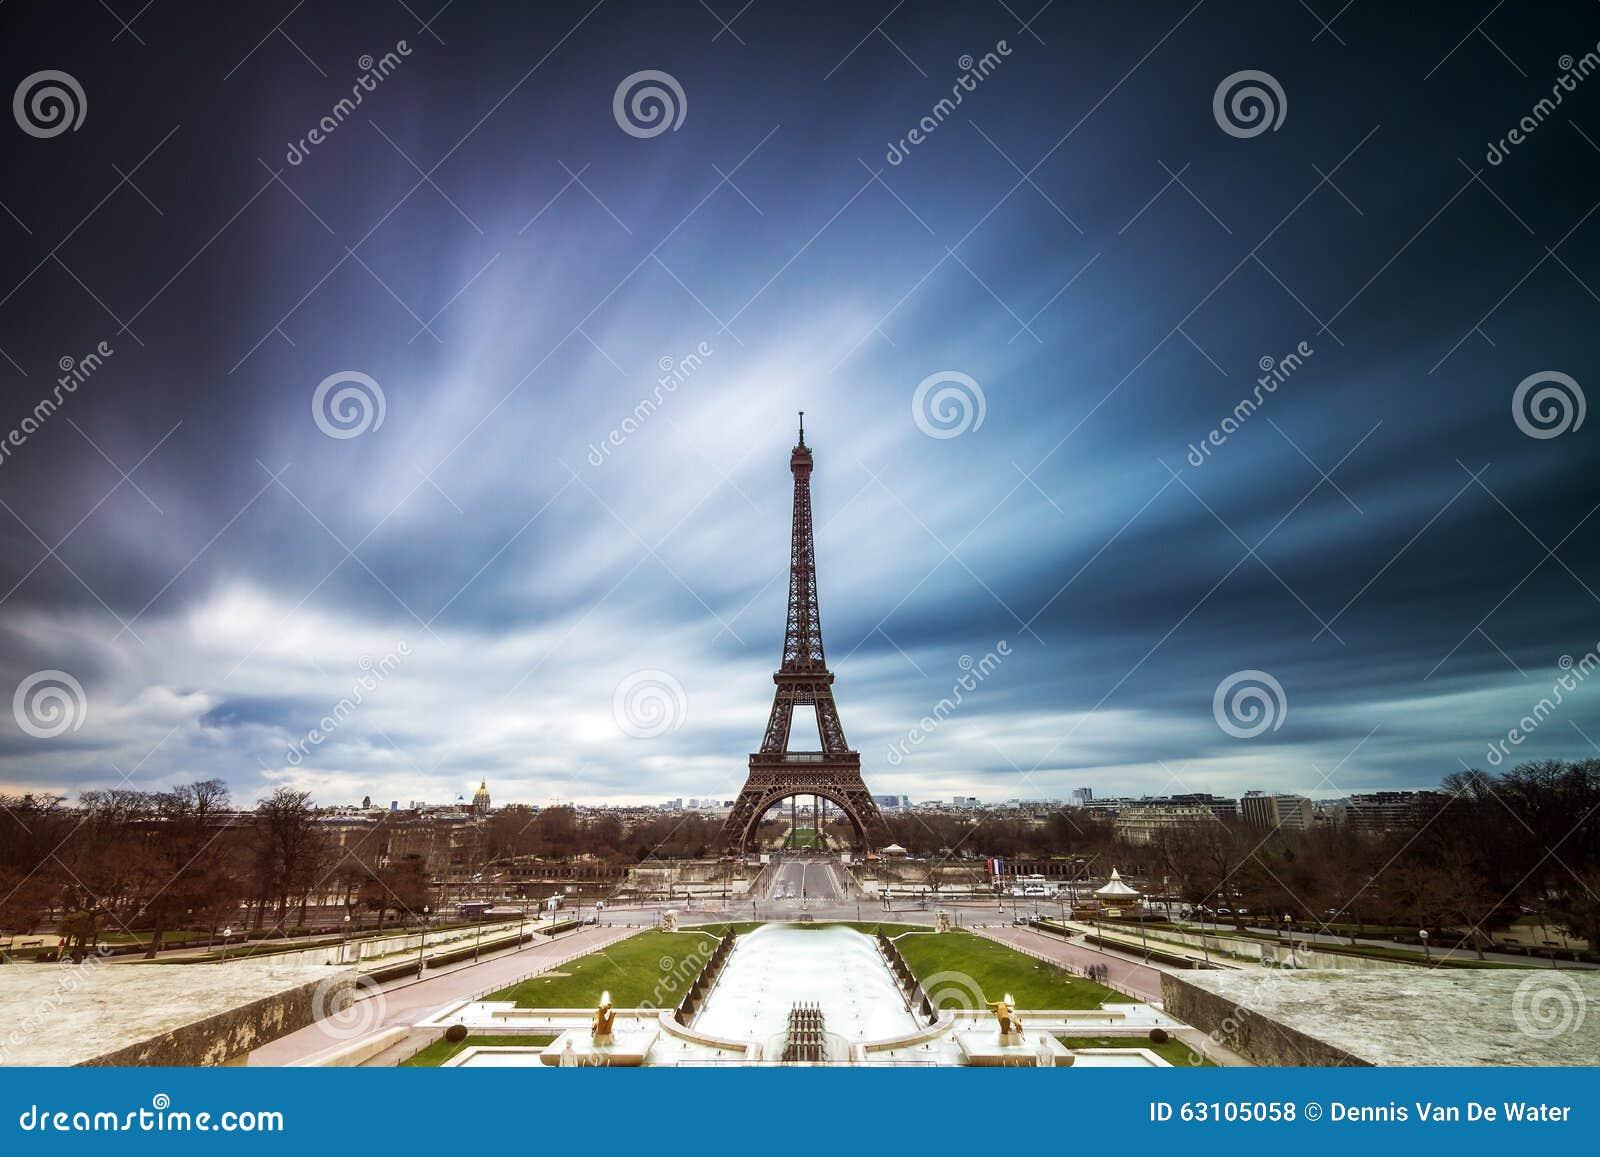 Dark clouds Eiffel tower